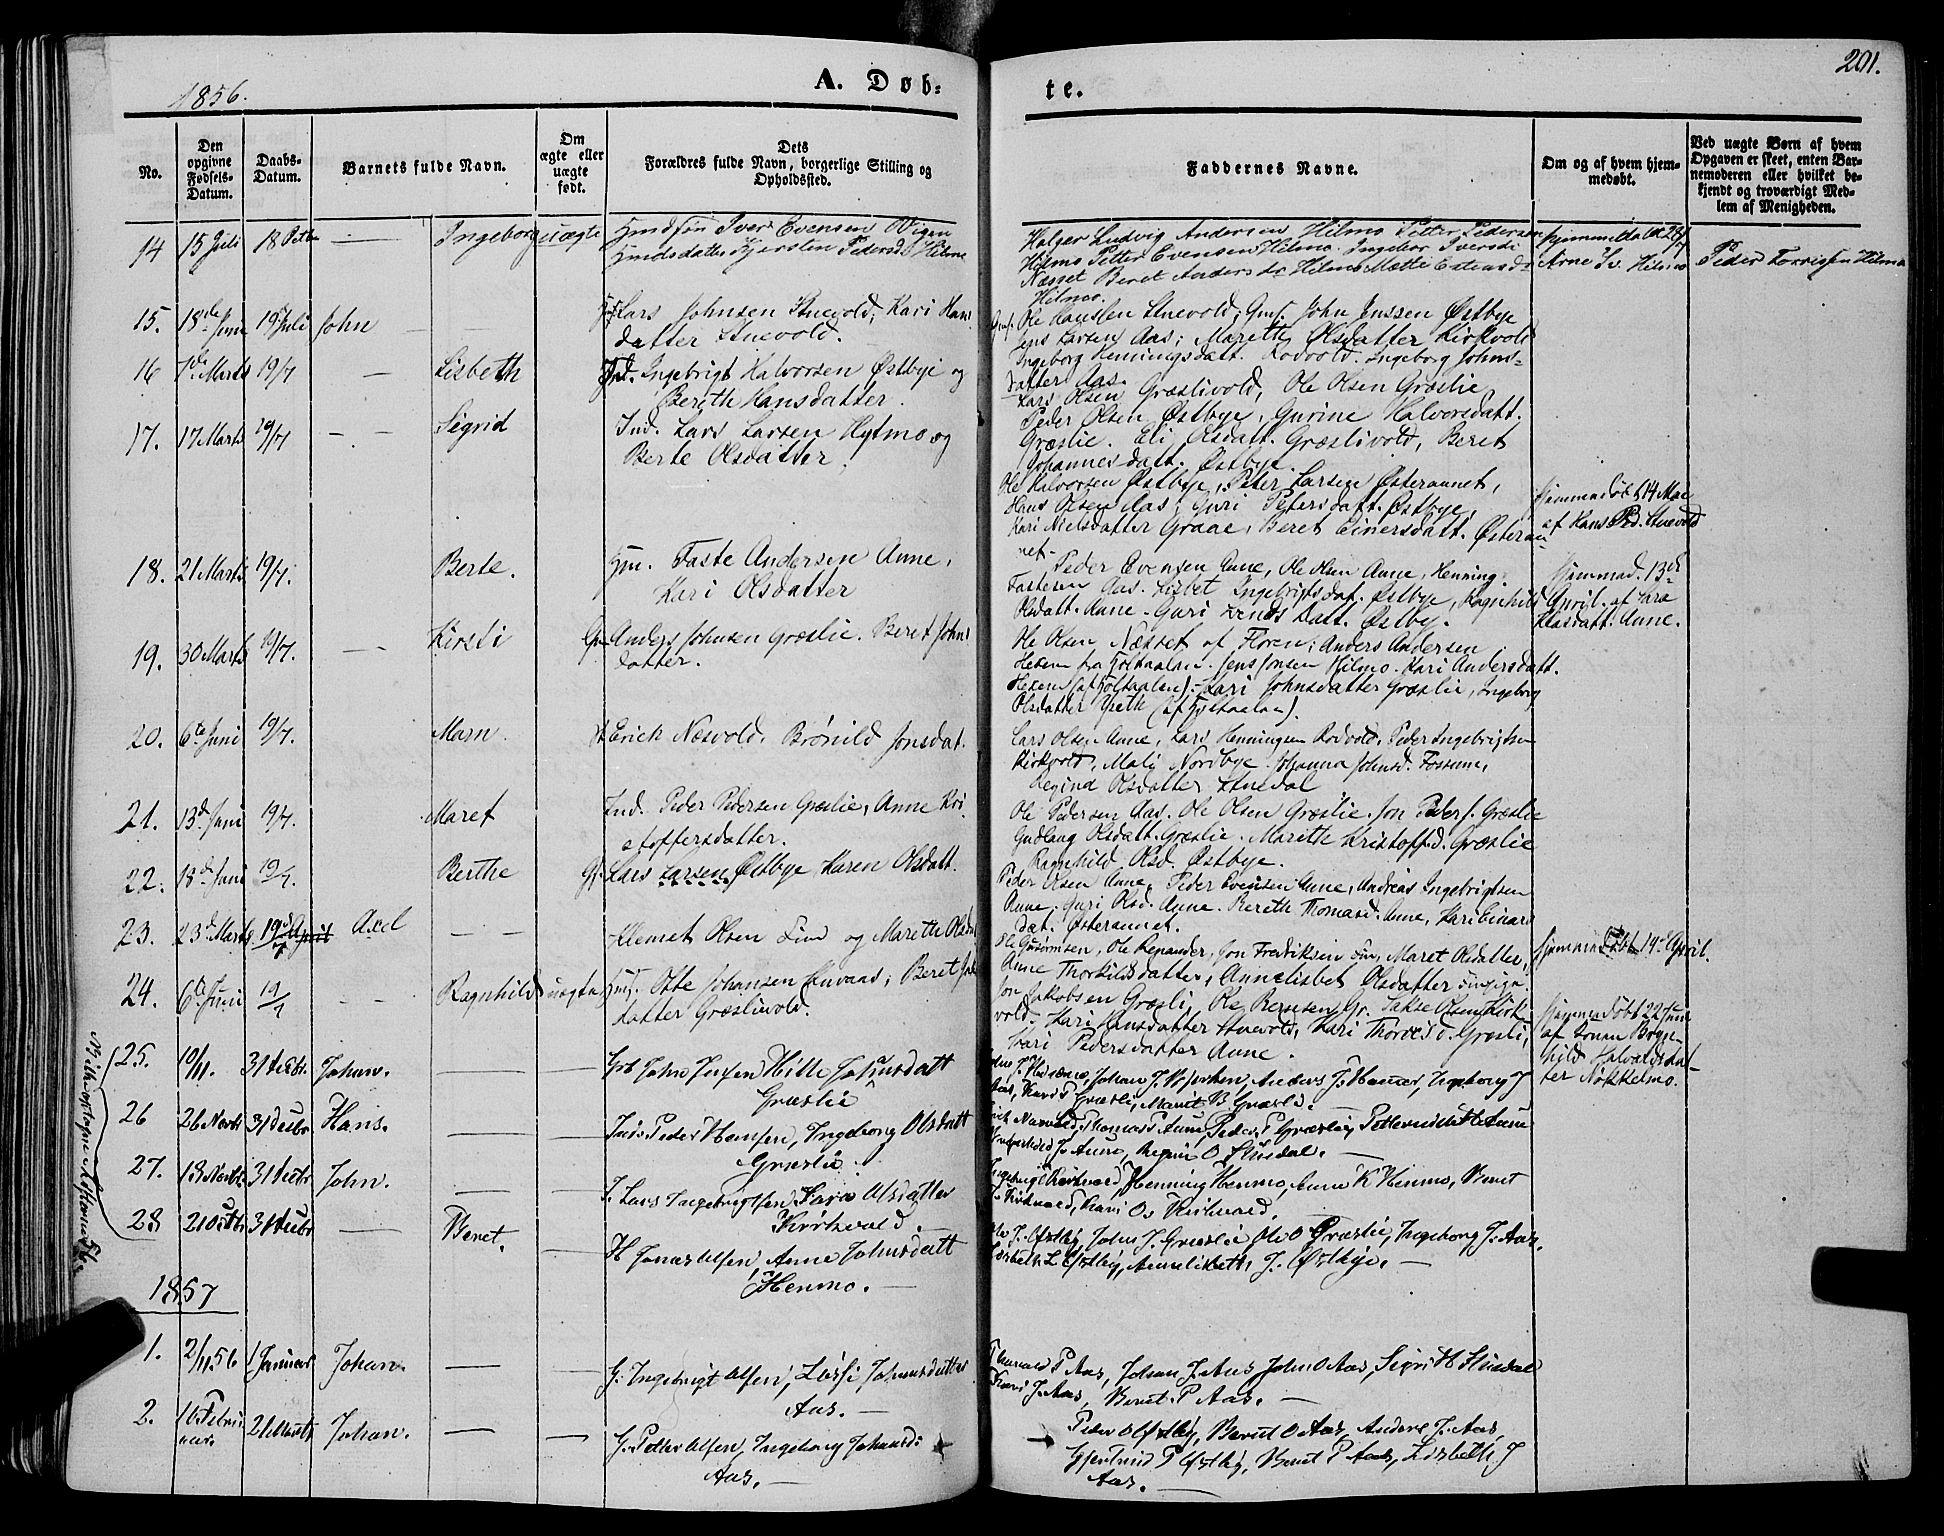 SAT, Ministerialprotokoller, klokkerbøker og fødselsregistre - Sør-Trøndelag, 695/L1146: Ministerialbok nr. 695A06 /2, 1843-1859, s. 201